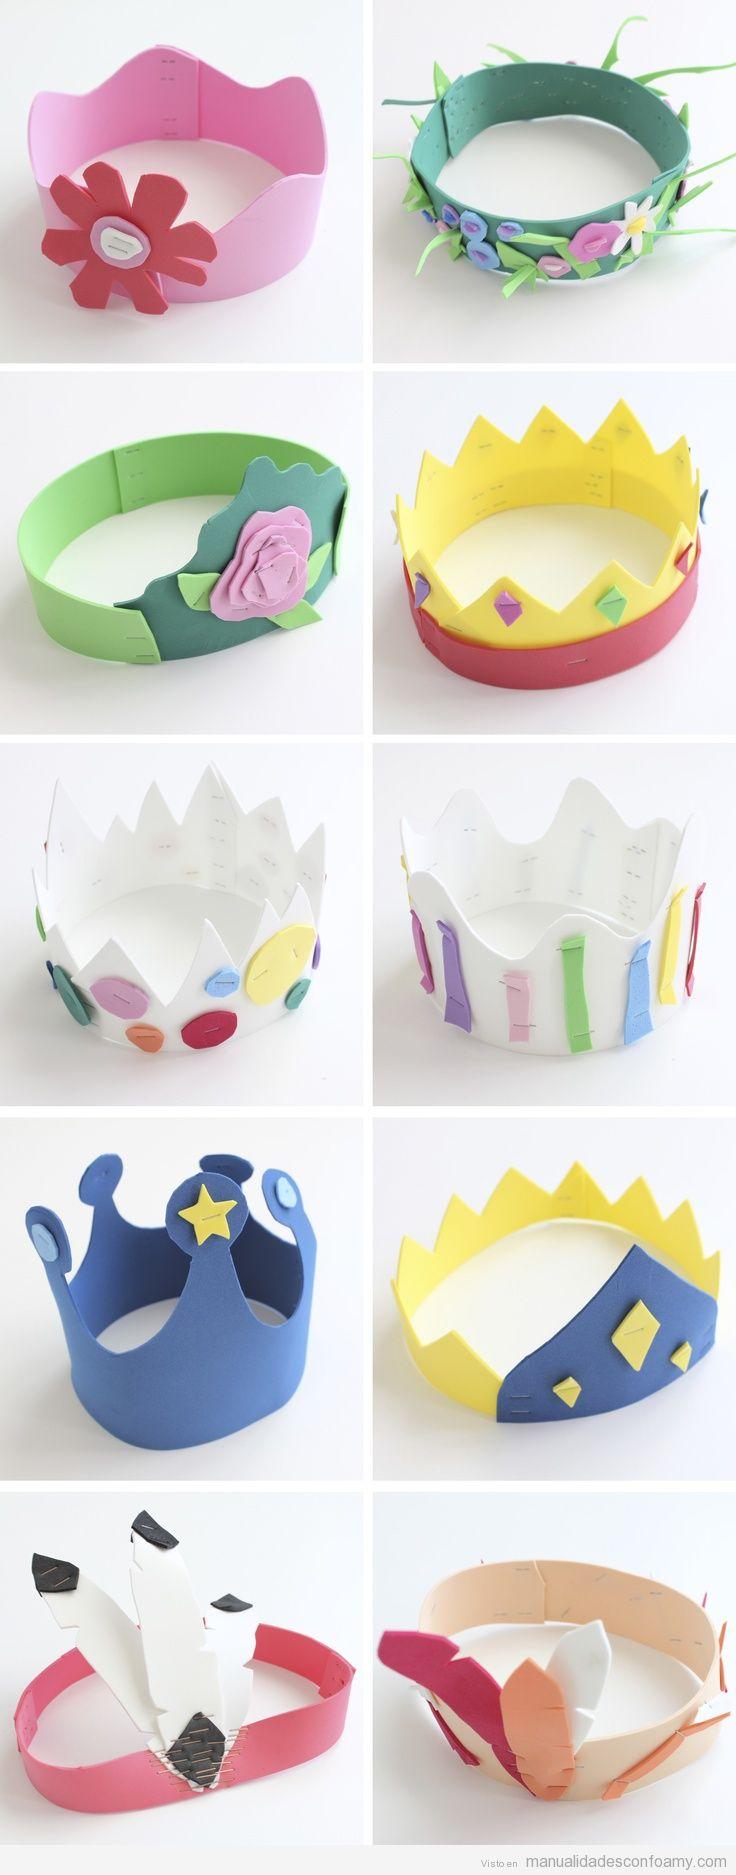 10 coronas de goma eva para disfraces y cumplea os - Manualidades infantiles de goma eva ...